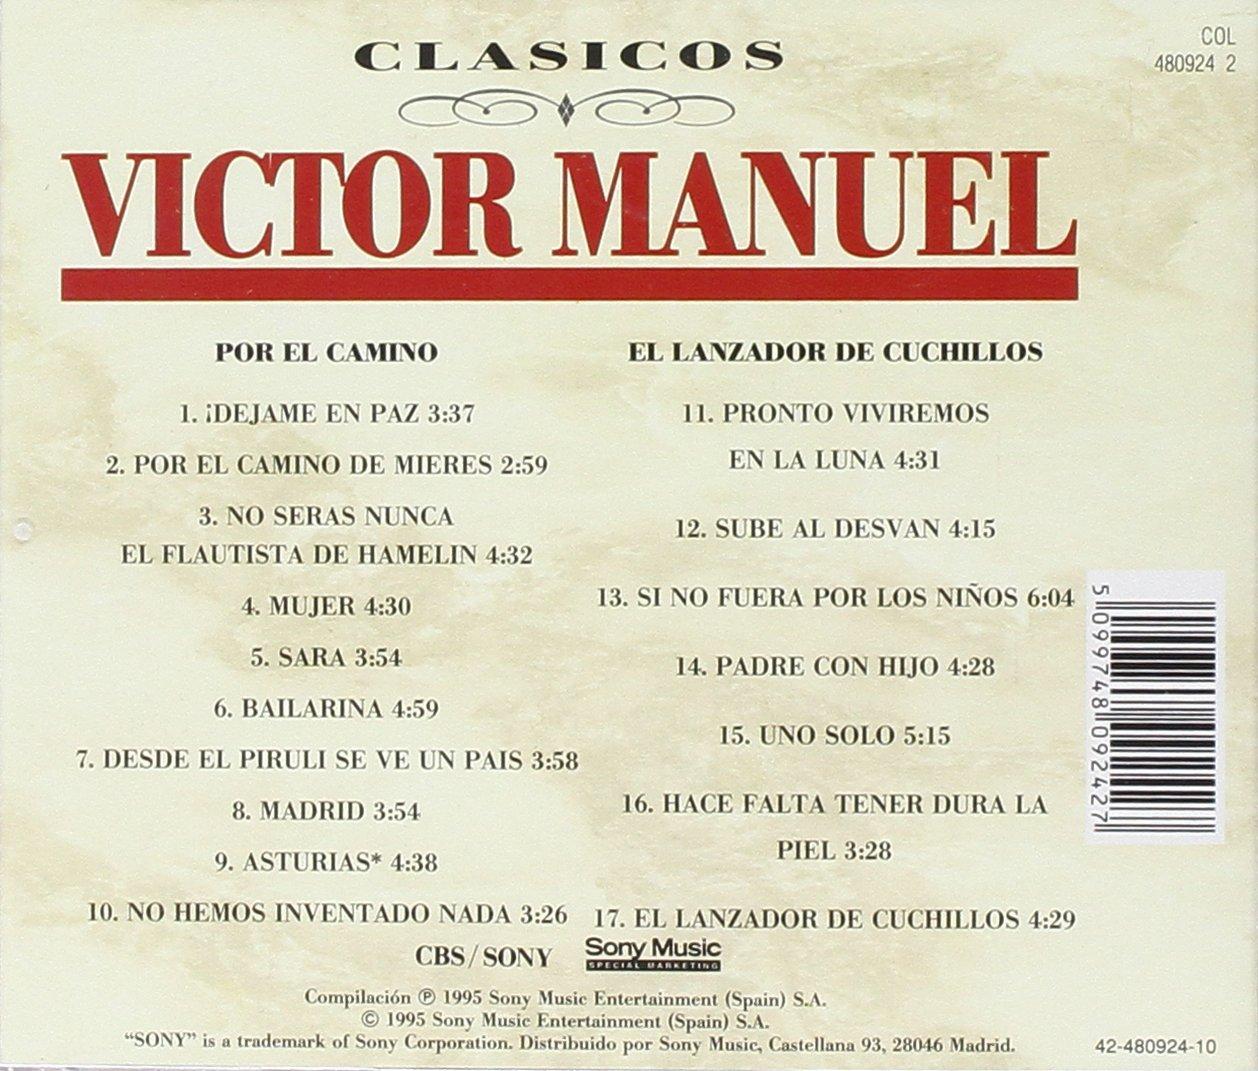 Por El Camino/El Lanzador De C: Victor Manuel: Amazon.es: Música